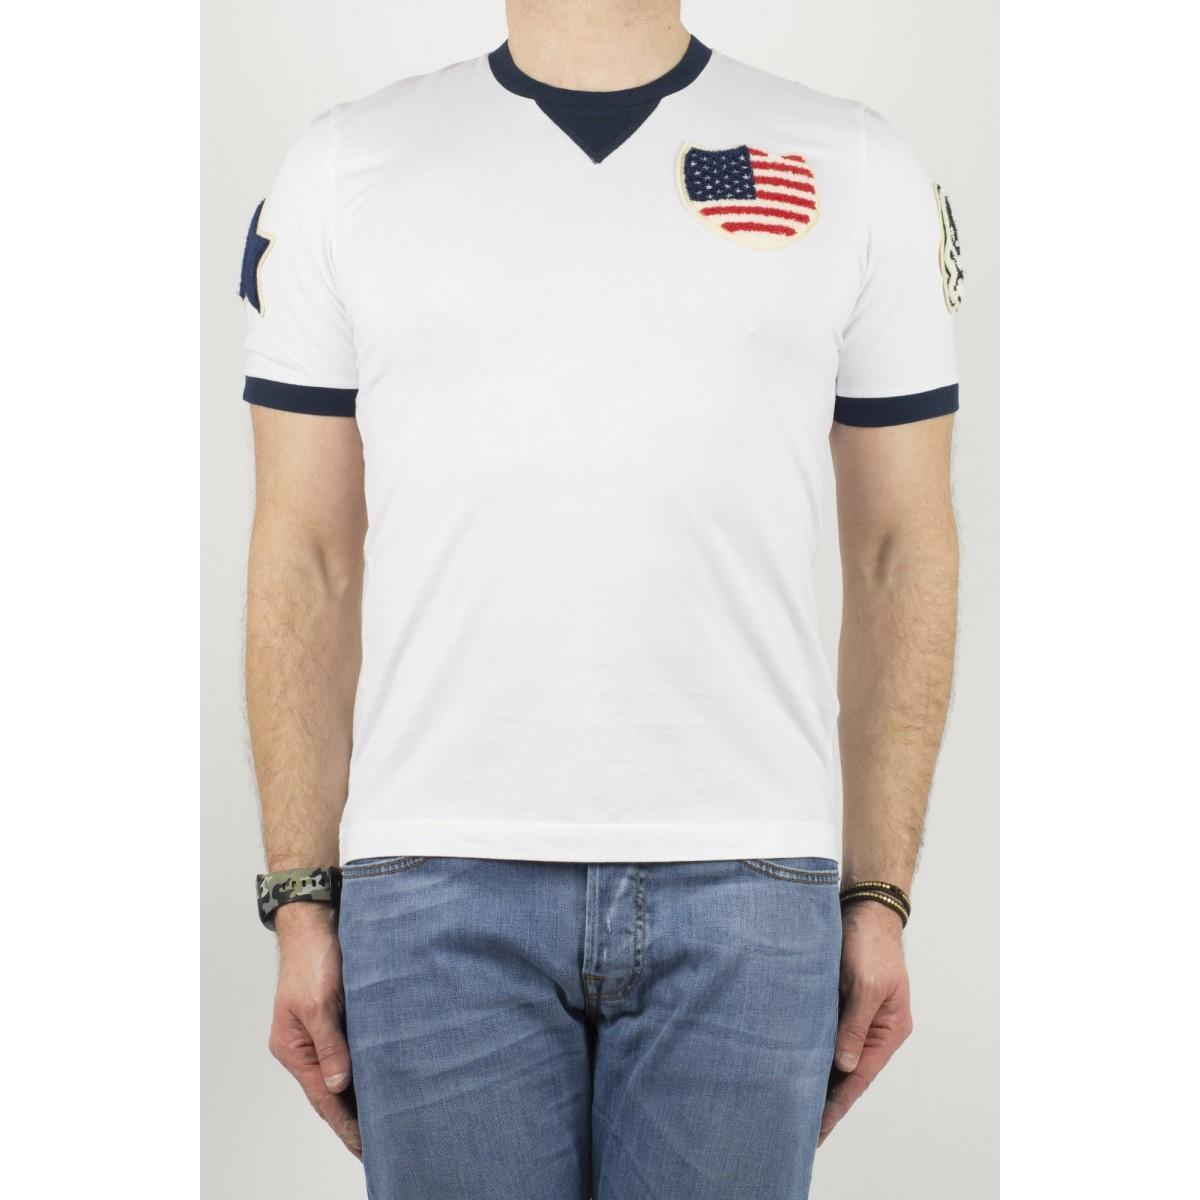 T-Shirt Hydrogen man - 148005 001